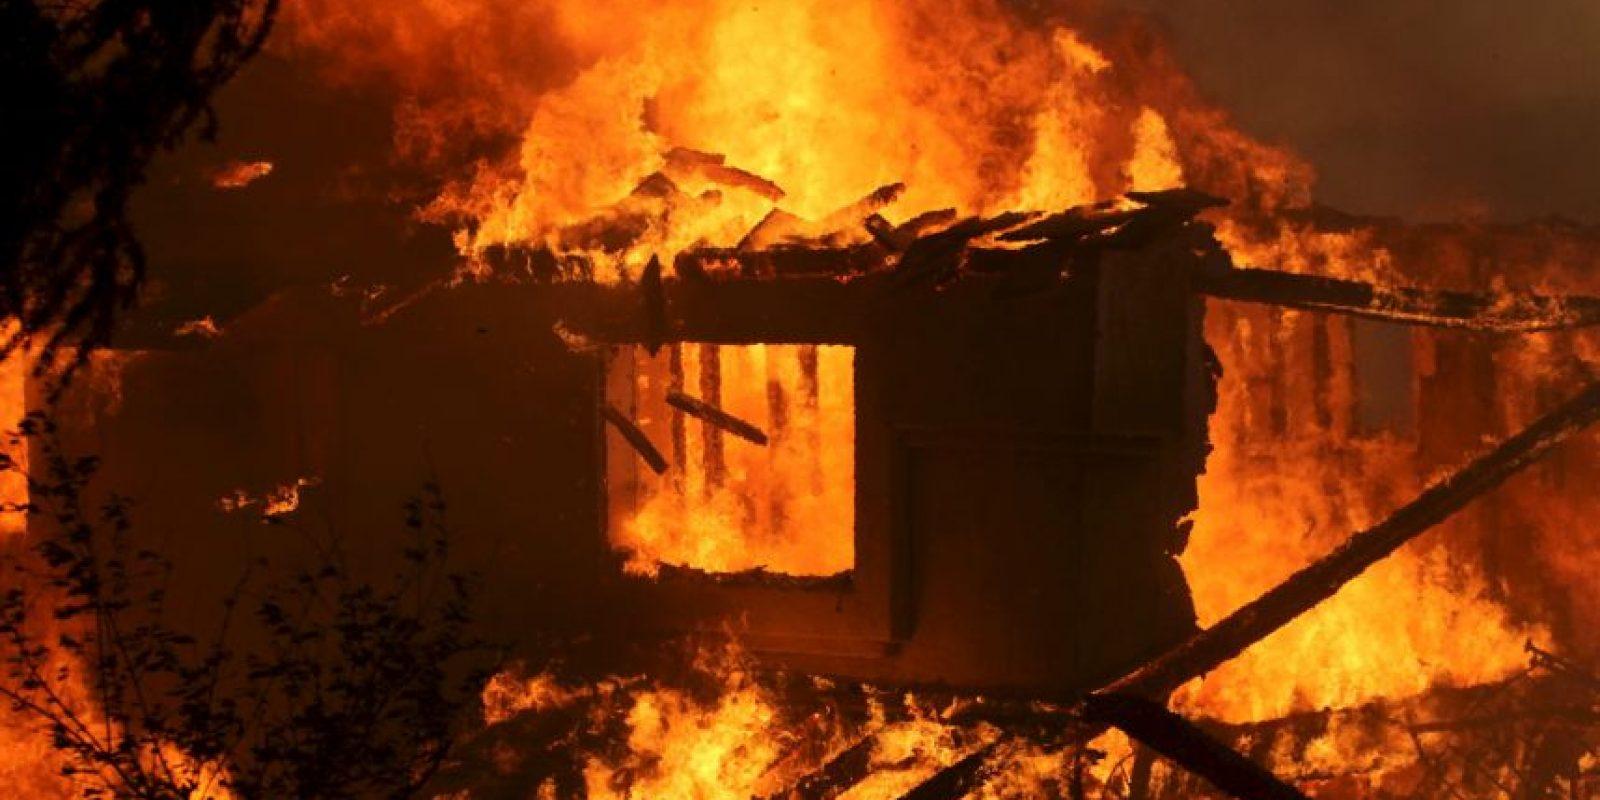 Tener tuberías de gas o instalaciones eléctricas en mal estado. Se recomienda hacer una revisión periódica Foto:Getty Images